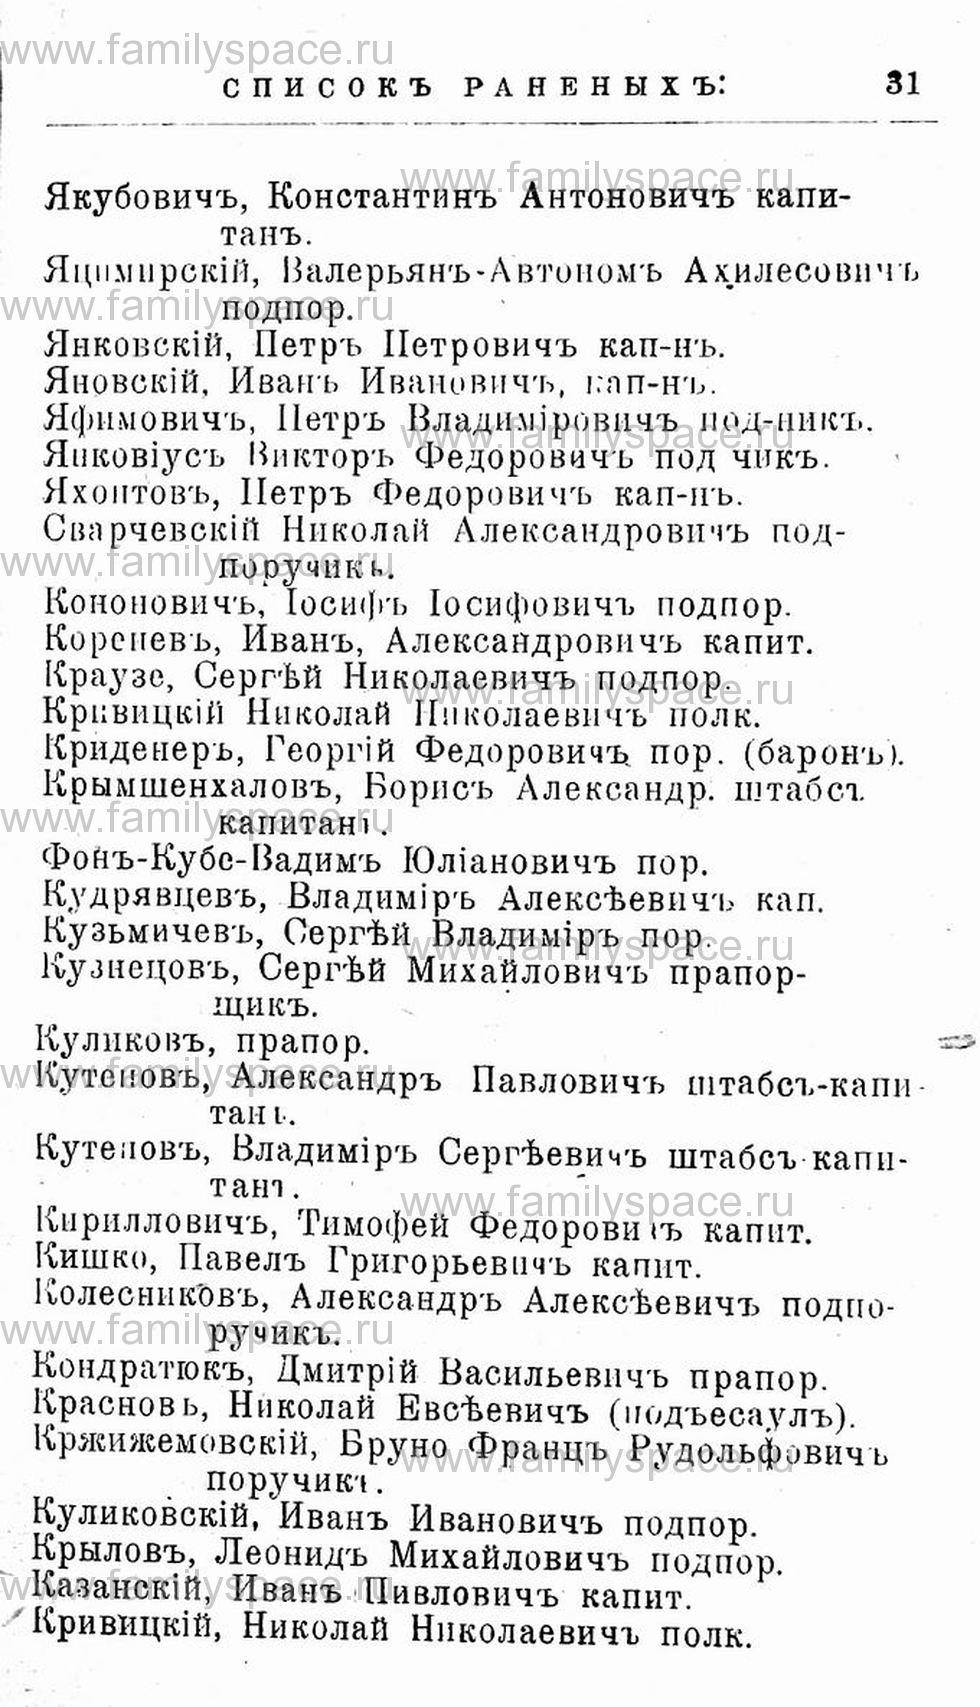 Поиск по фамилии - Первая мировая война - 1914 (списки убитых и раненых), страница 31